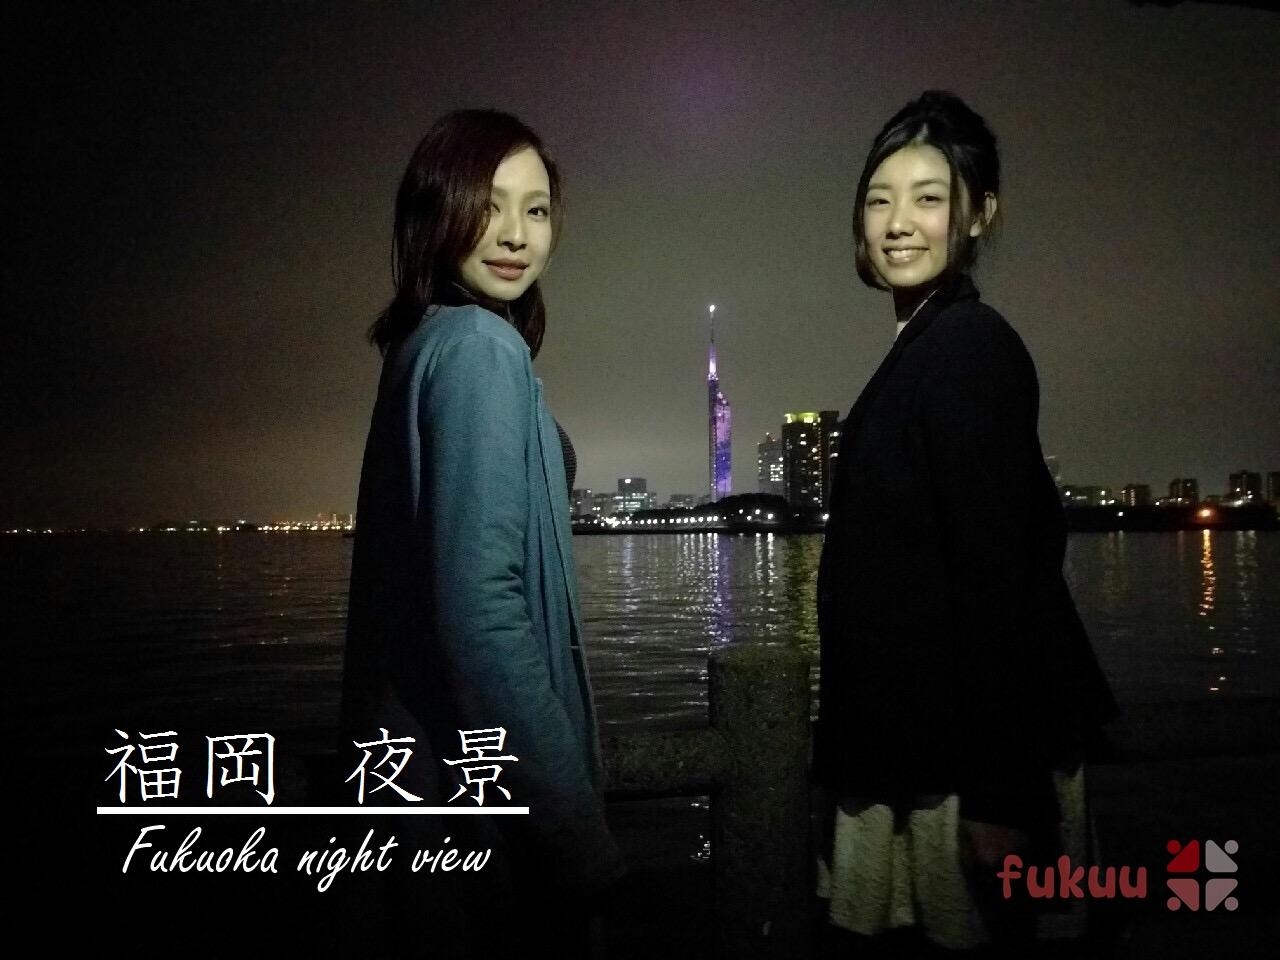 初めて福岡に来る外国人に勧めたい福岡市の6つのエリア